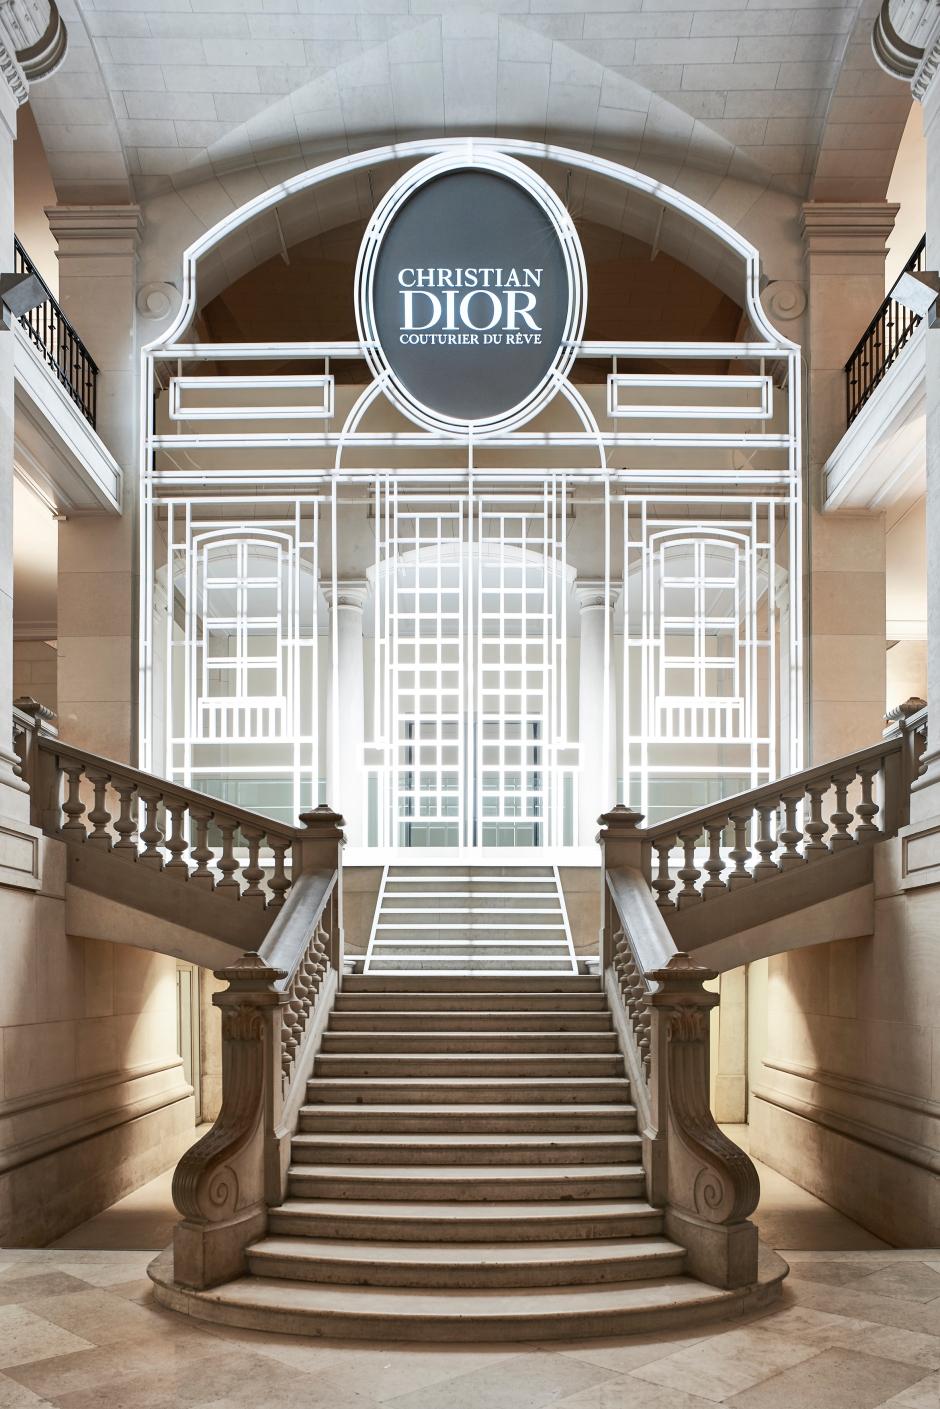 Dior_La_Maison_Dior_Christian_Dior_Couturier_du_Reve_Exhibition_01